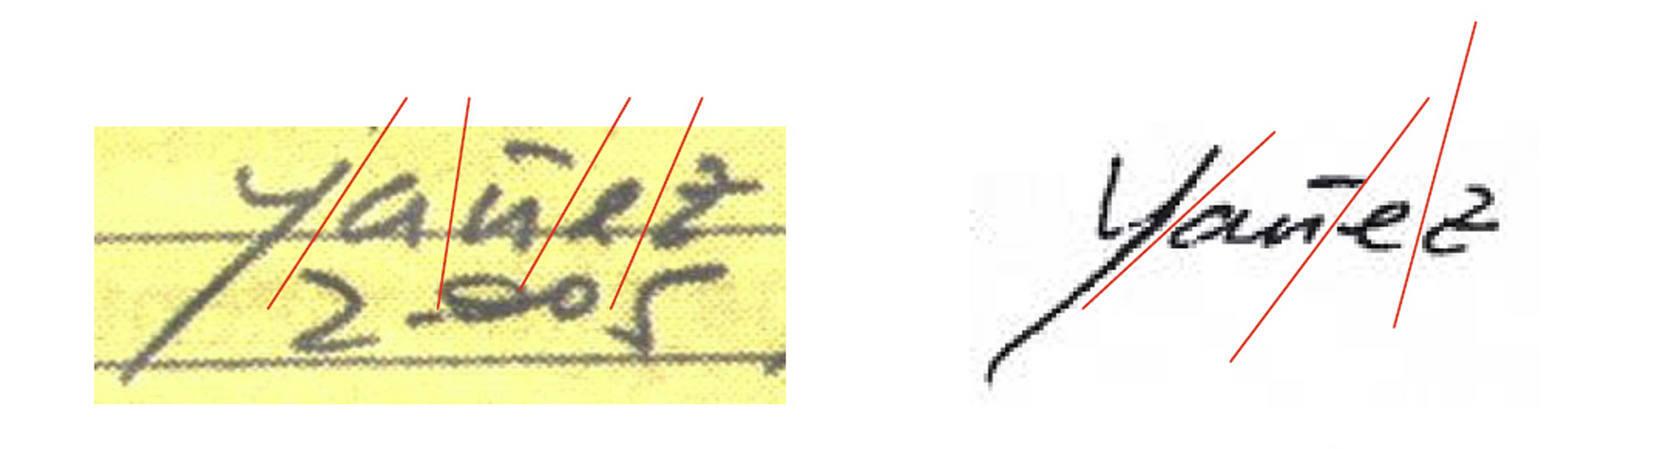 Pruebas caligráficas de Bárcenas